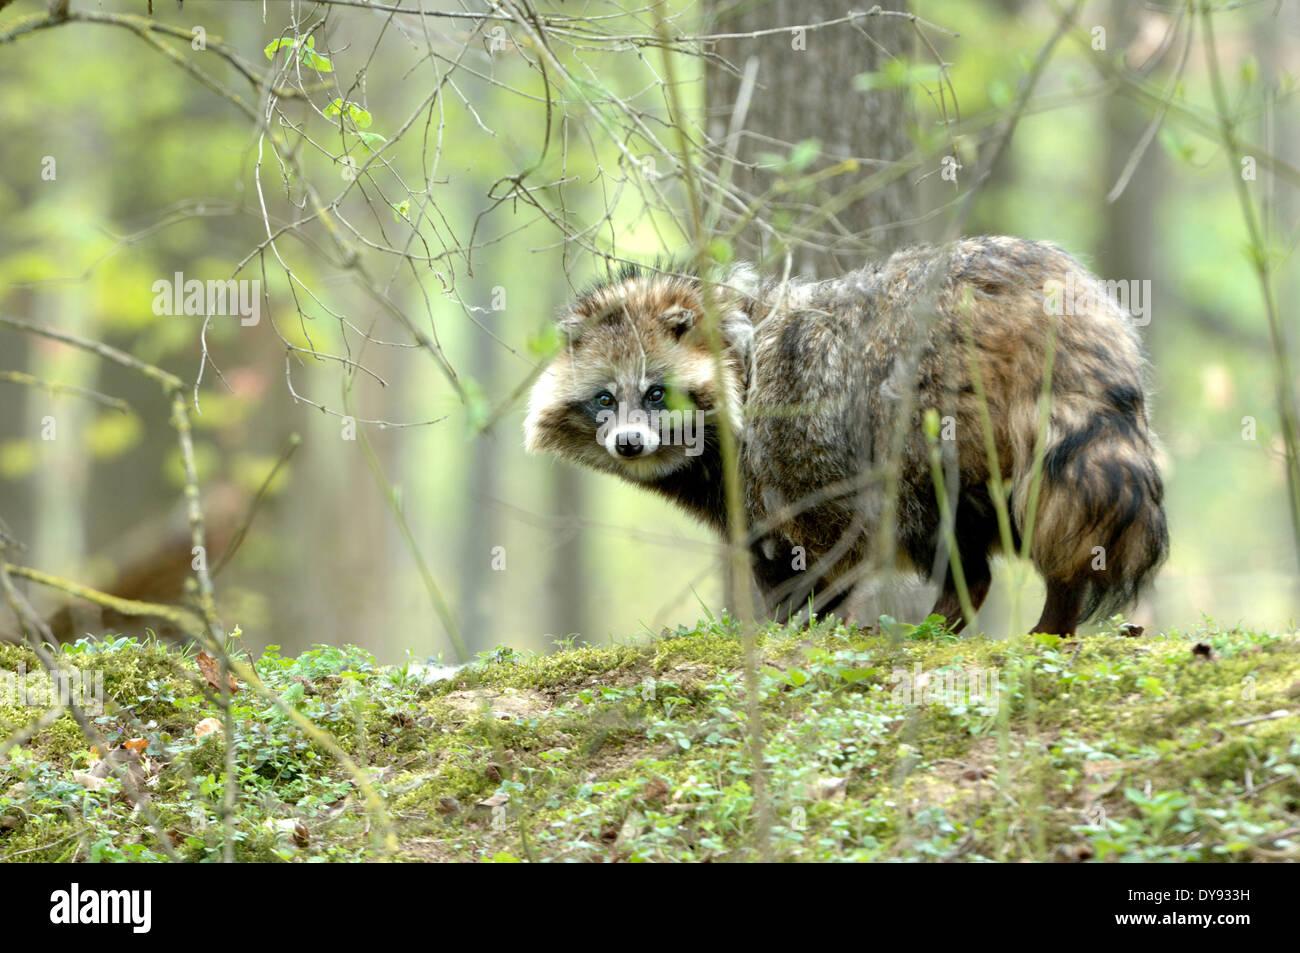 El perro mapache Nyctereutes procyonoides Enok cánidos depredadores primavera inmigraron animales silvestres Imagen De Stock